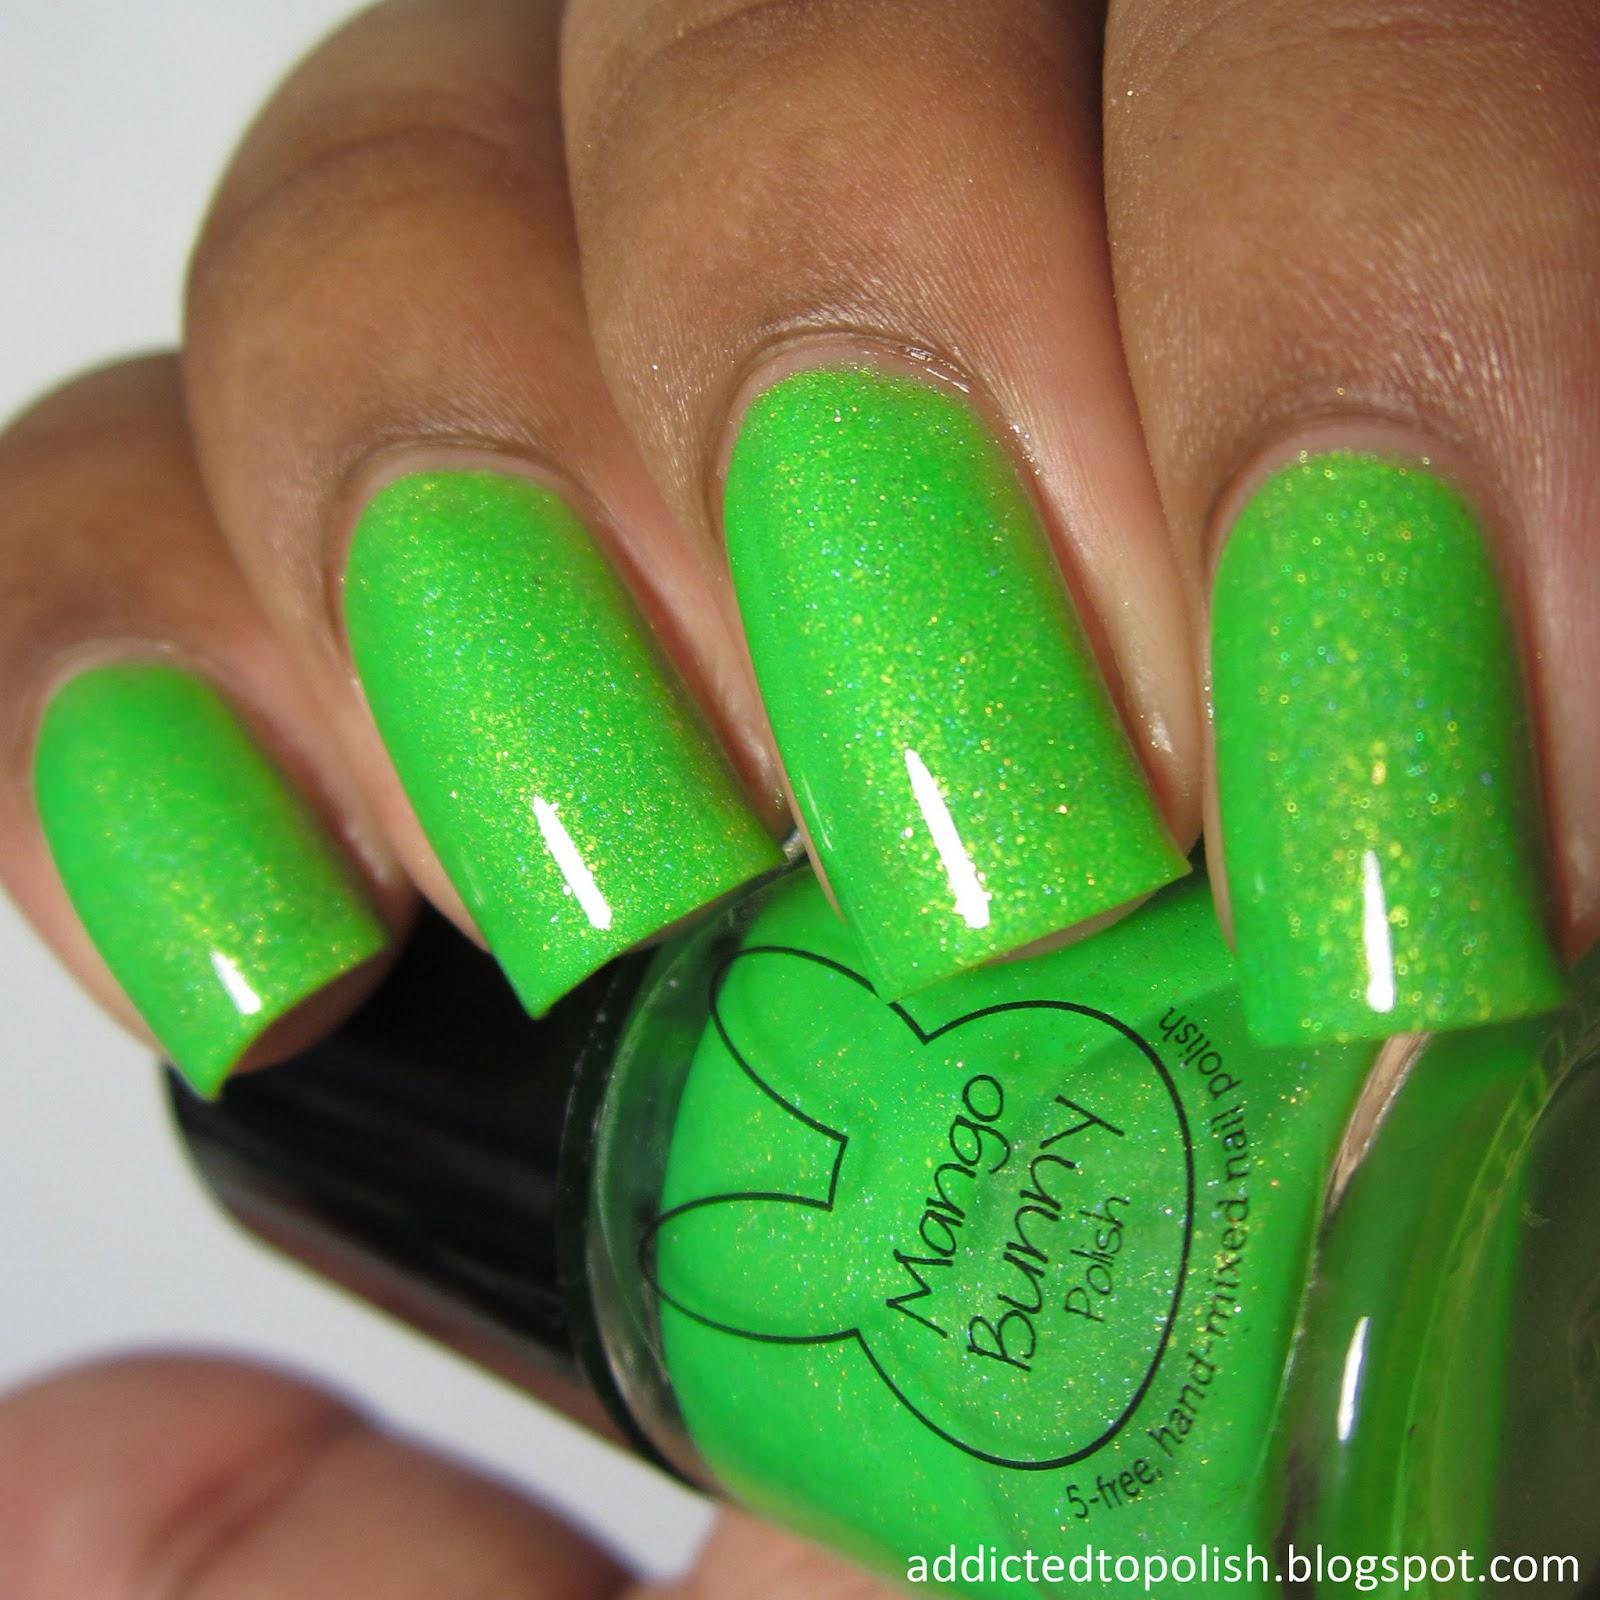 mango bunny polish #lushlyfe sunkissed neons